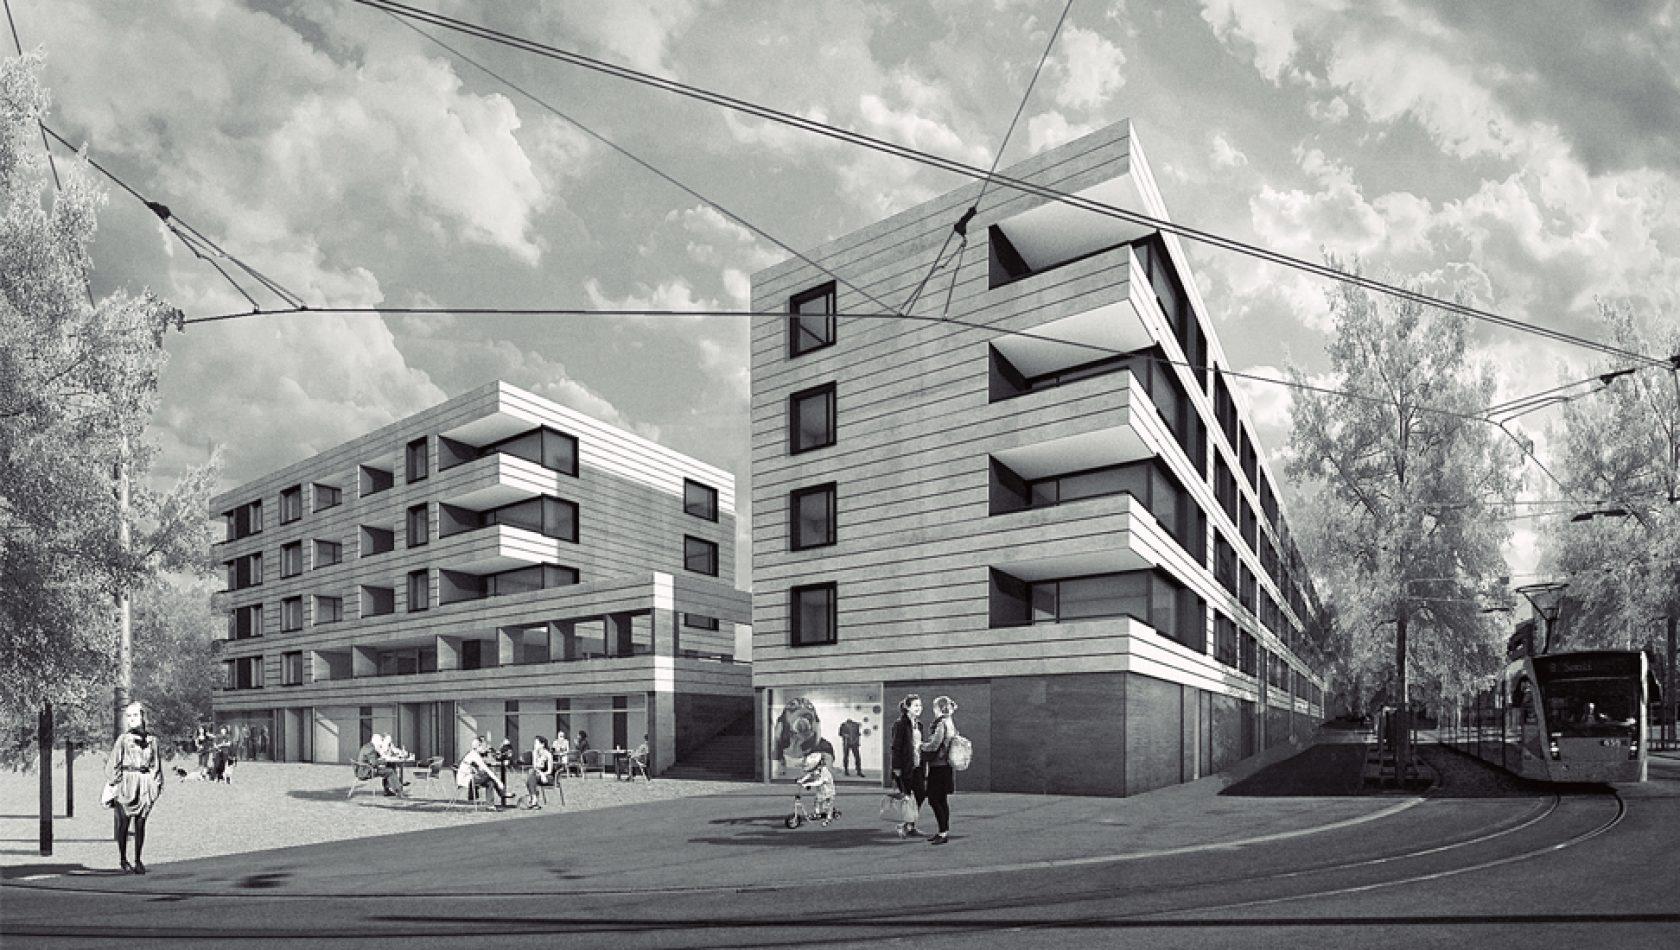 Brünnen, Bern - Visualisierung by MANTEL Architects